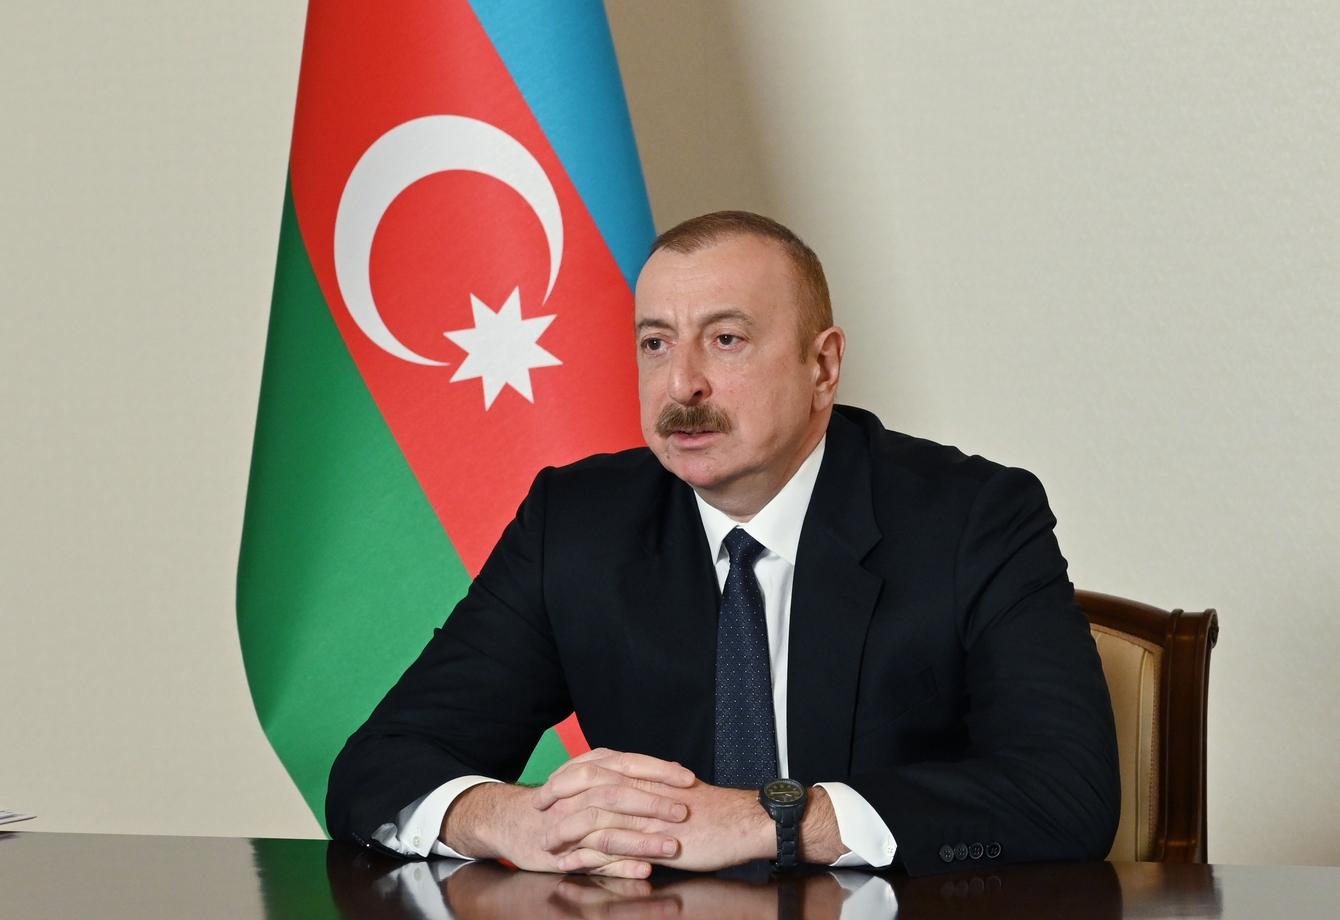 Ulu Öndər Heydər Əliyevin siyasi irsi  müstəqil dövlətçiliyimizin əsasıdır